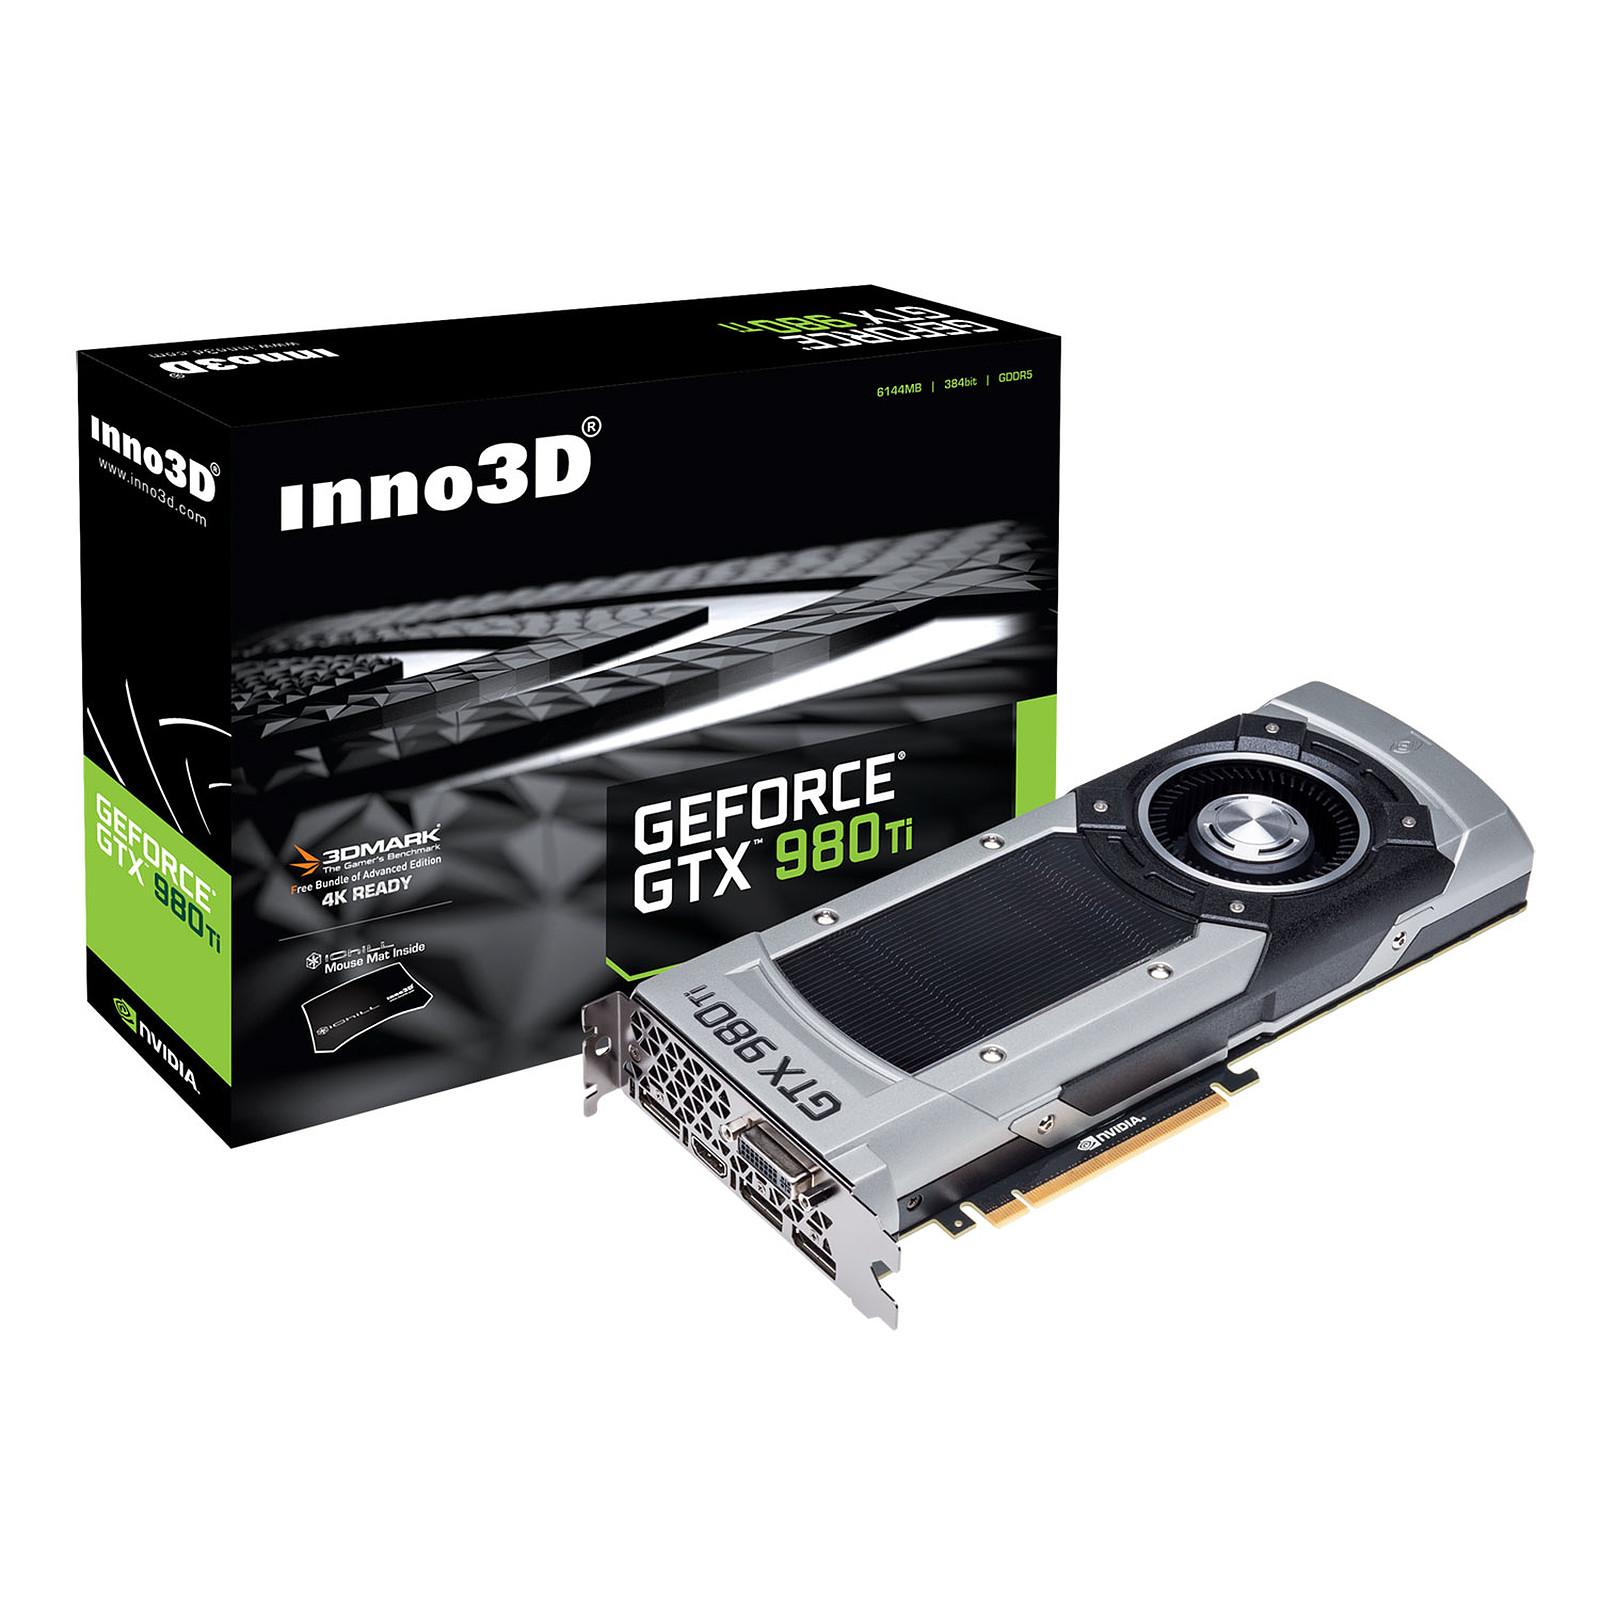 Inno3D N98T-1DDN-N5HN GeForce GTX 980 Ti 6GB